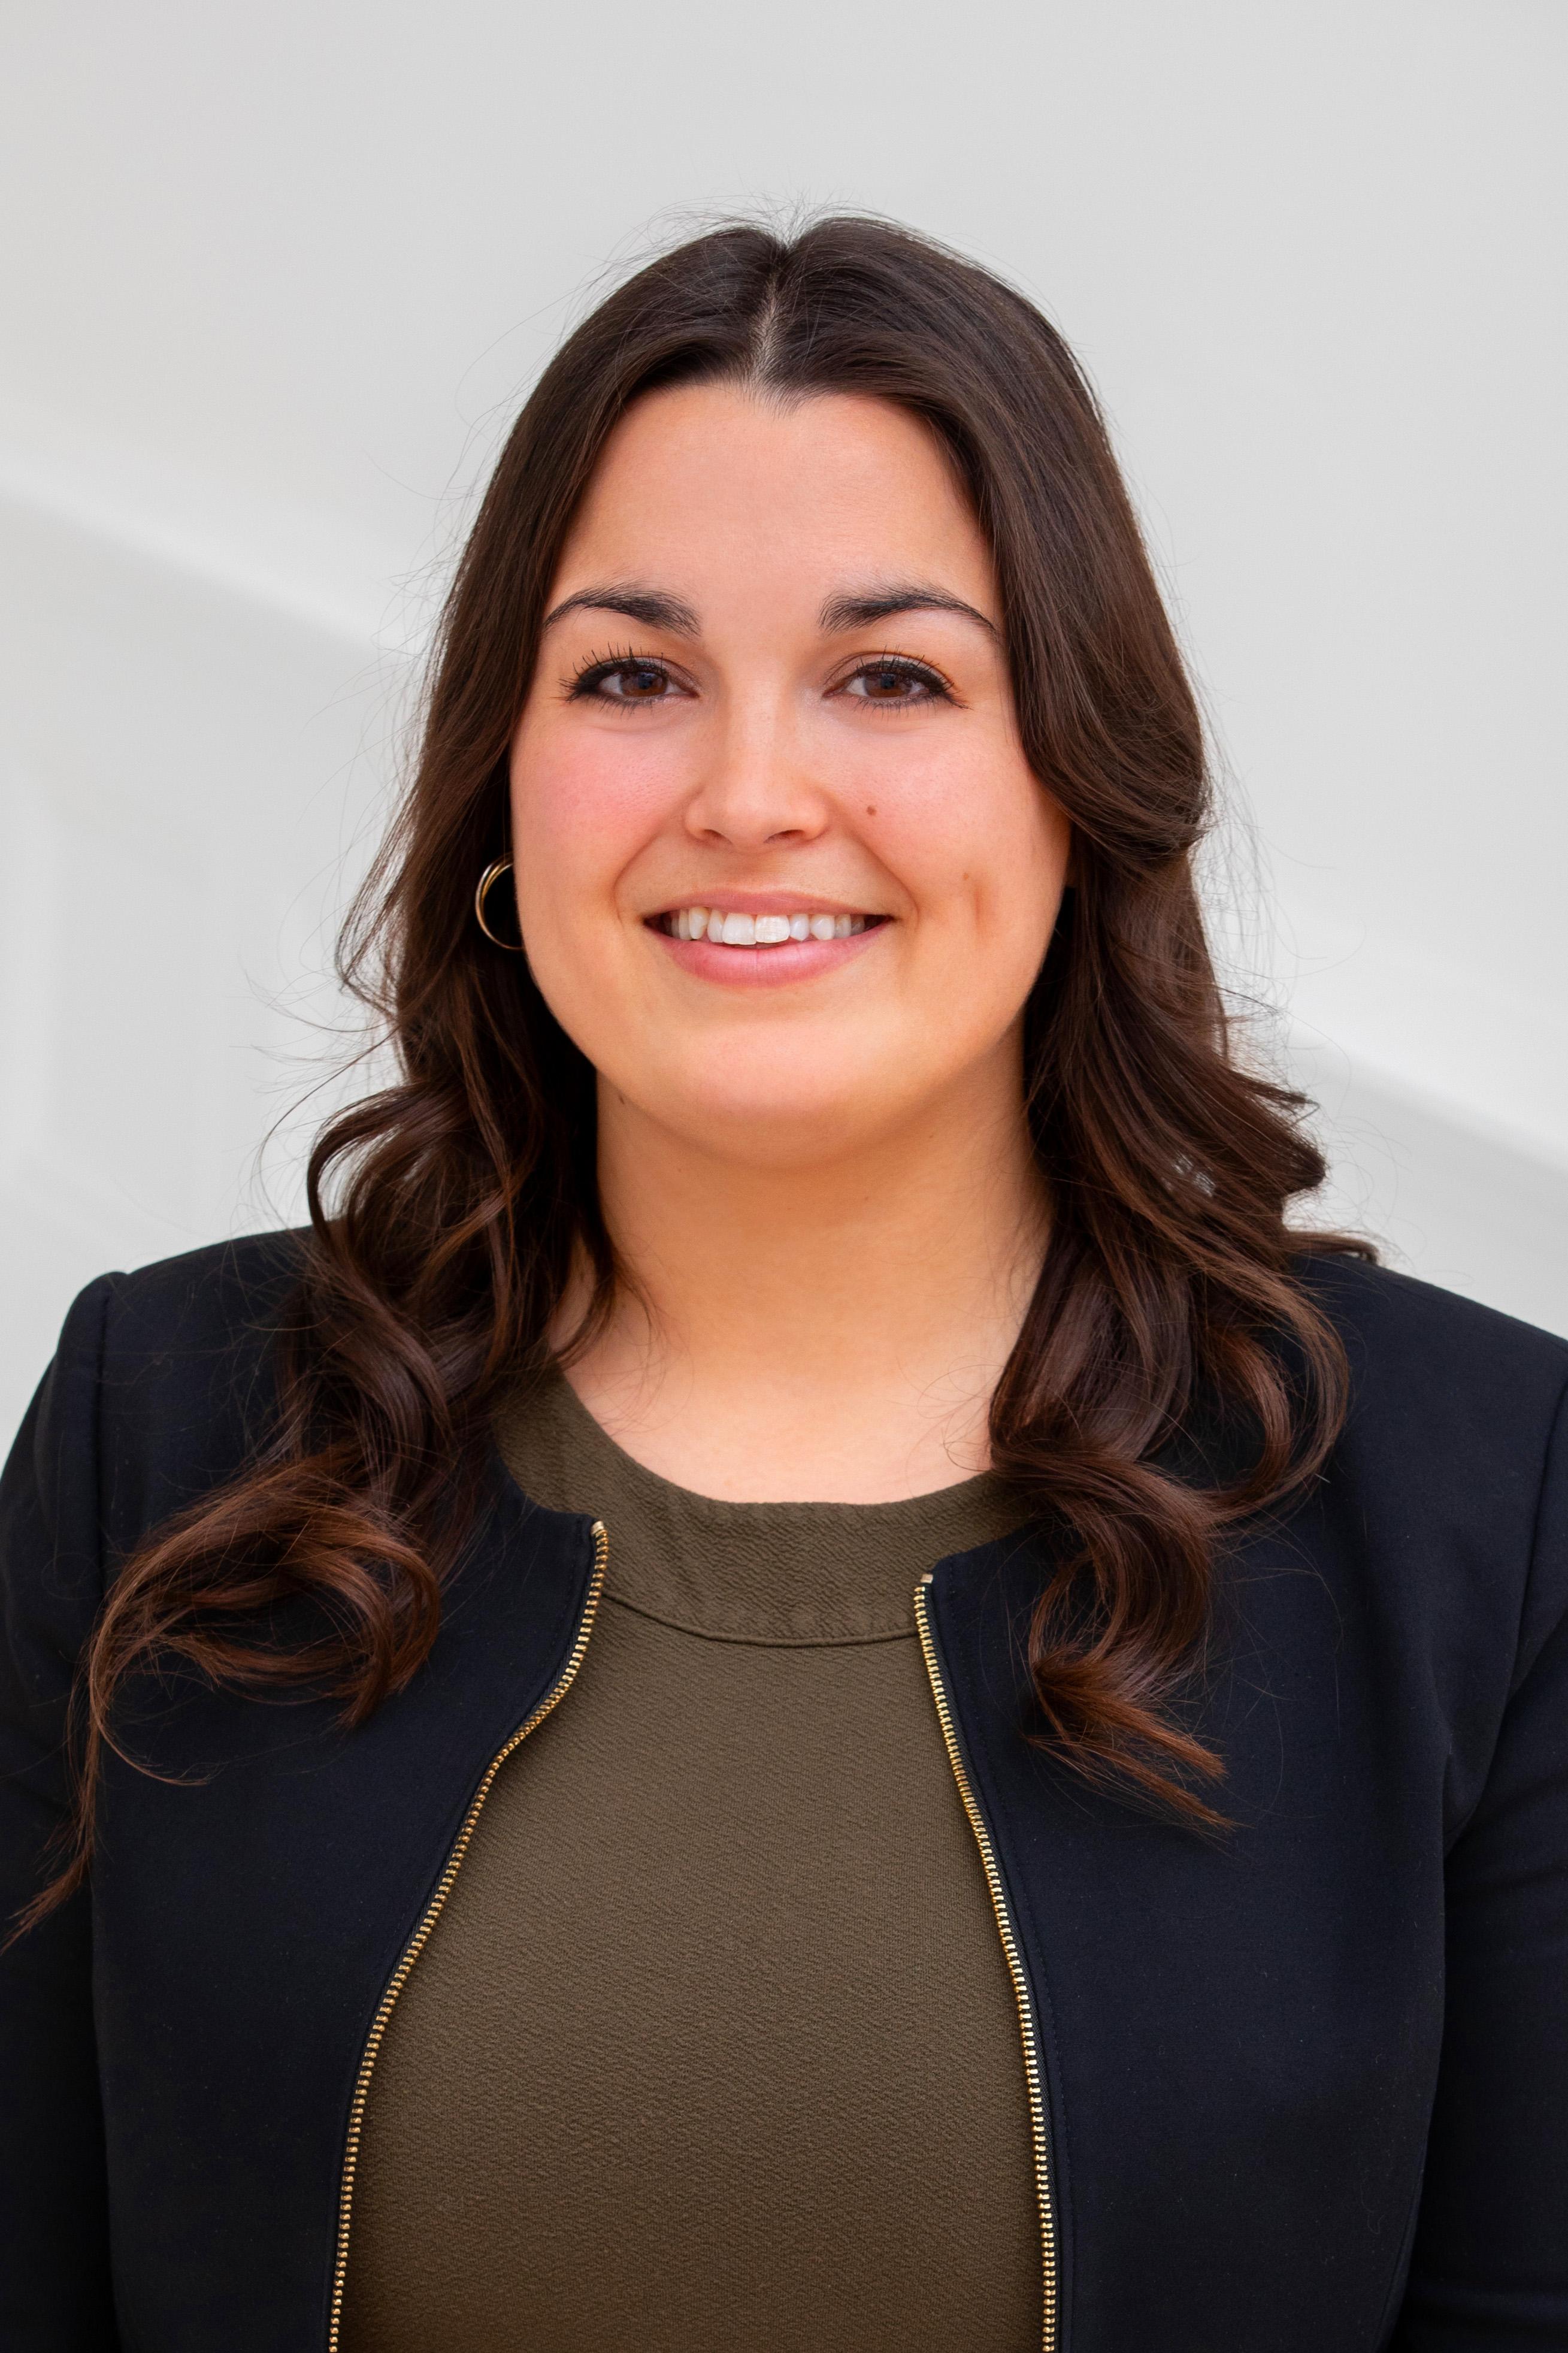 Sarah Verreault